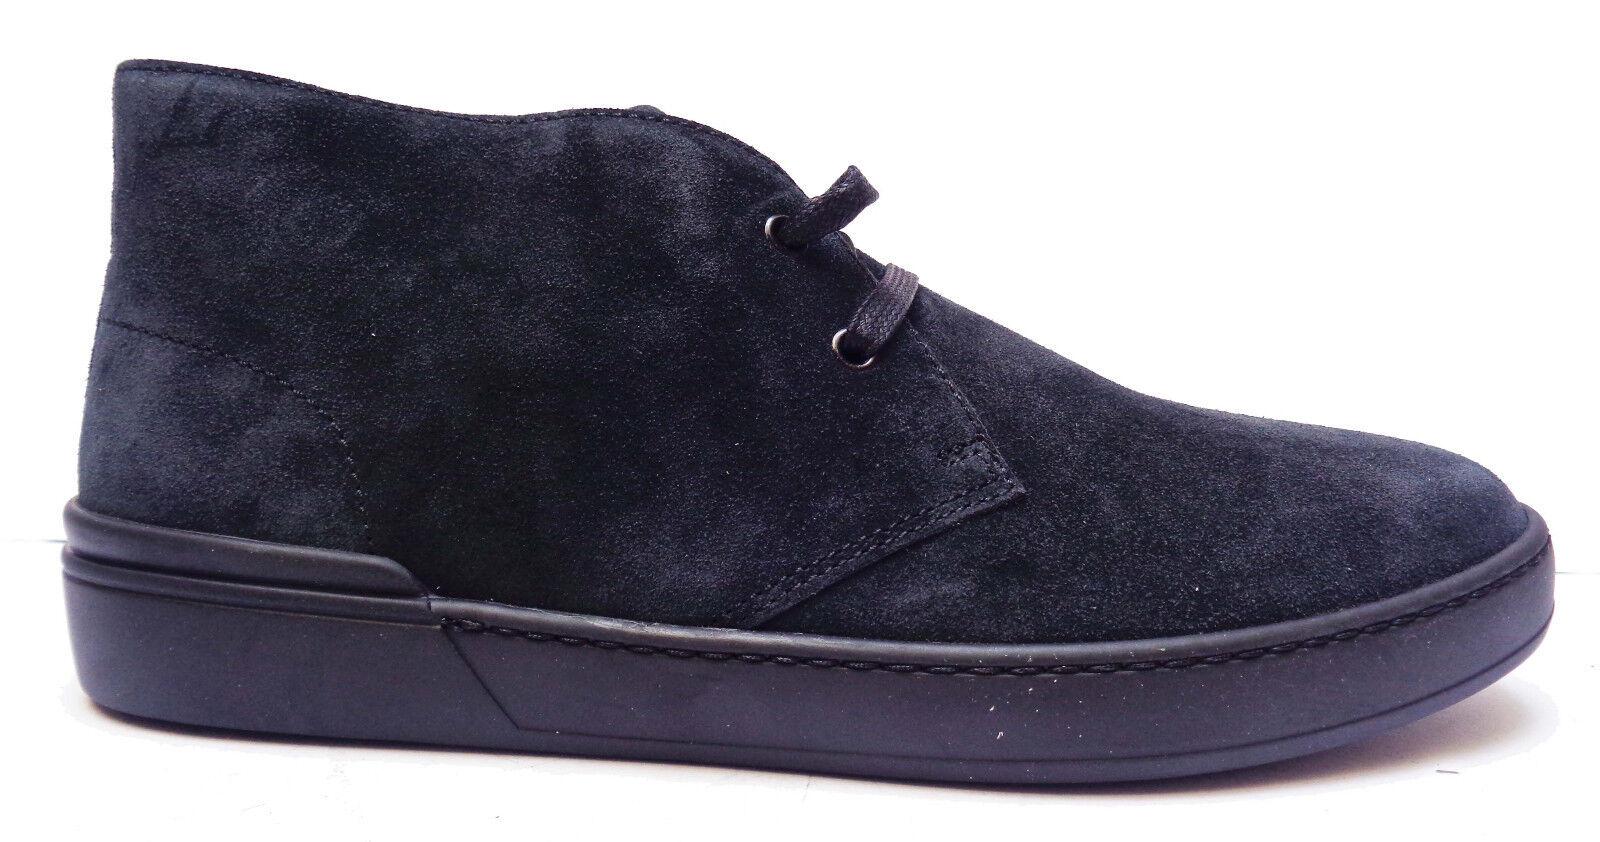 shoes men FRAU 20B5 shoes ALTE CON LACCI IN CAMOSCIO blue FODERA TERMOREGOLANT